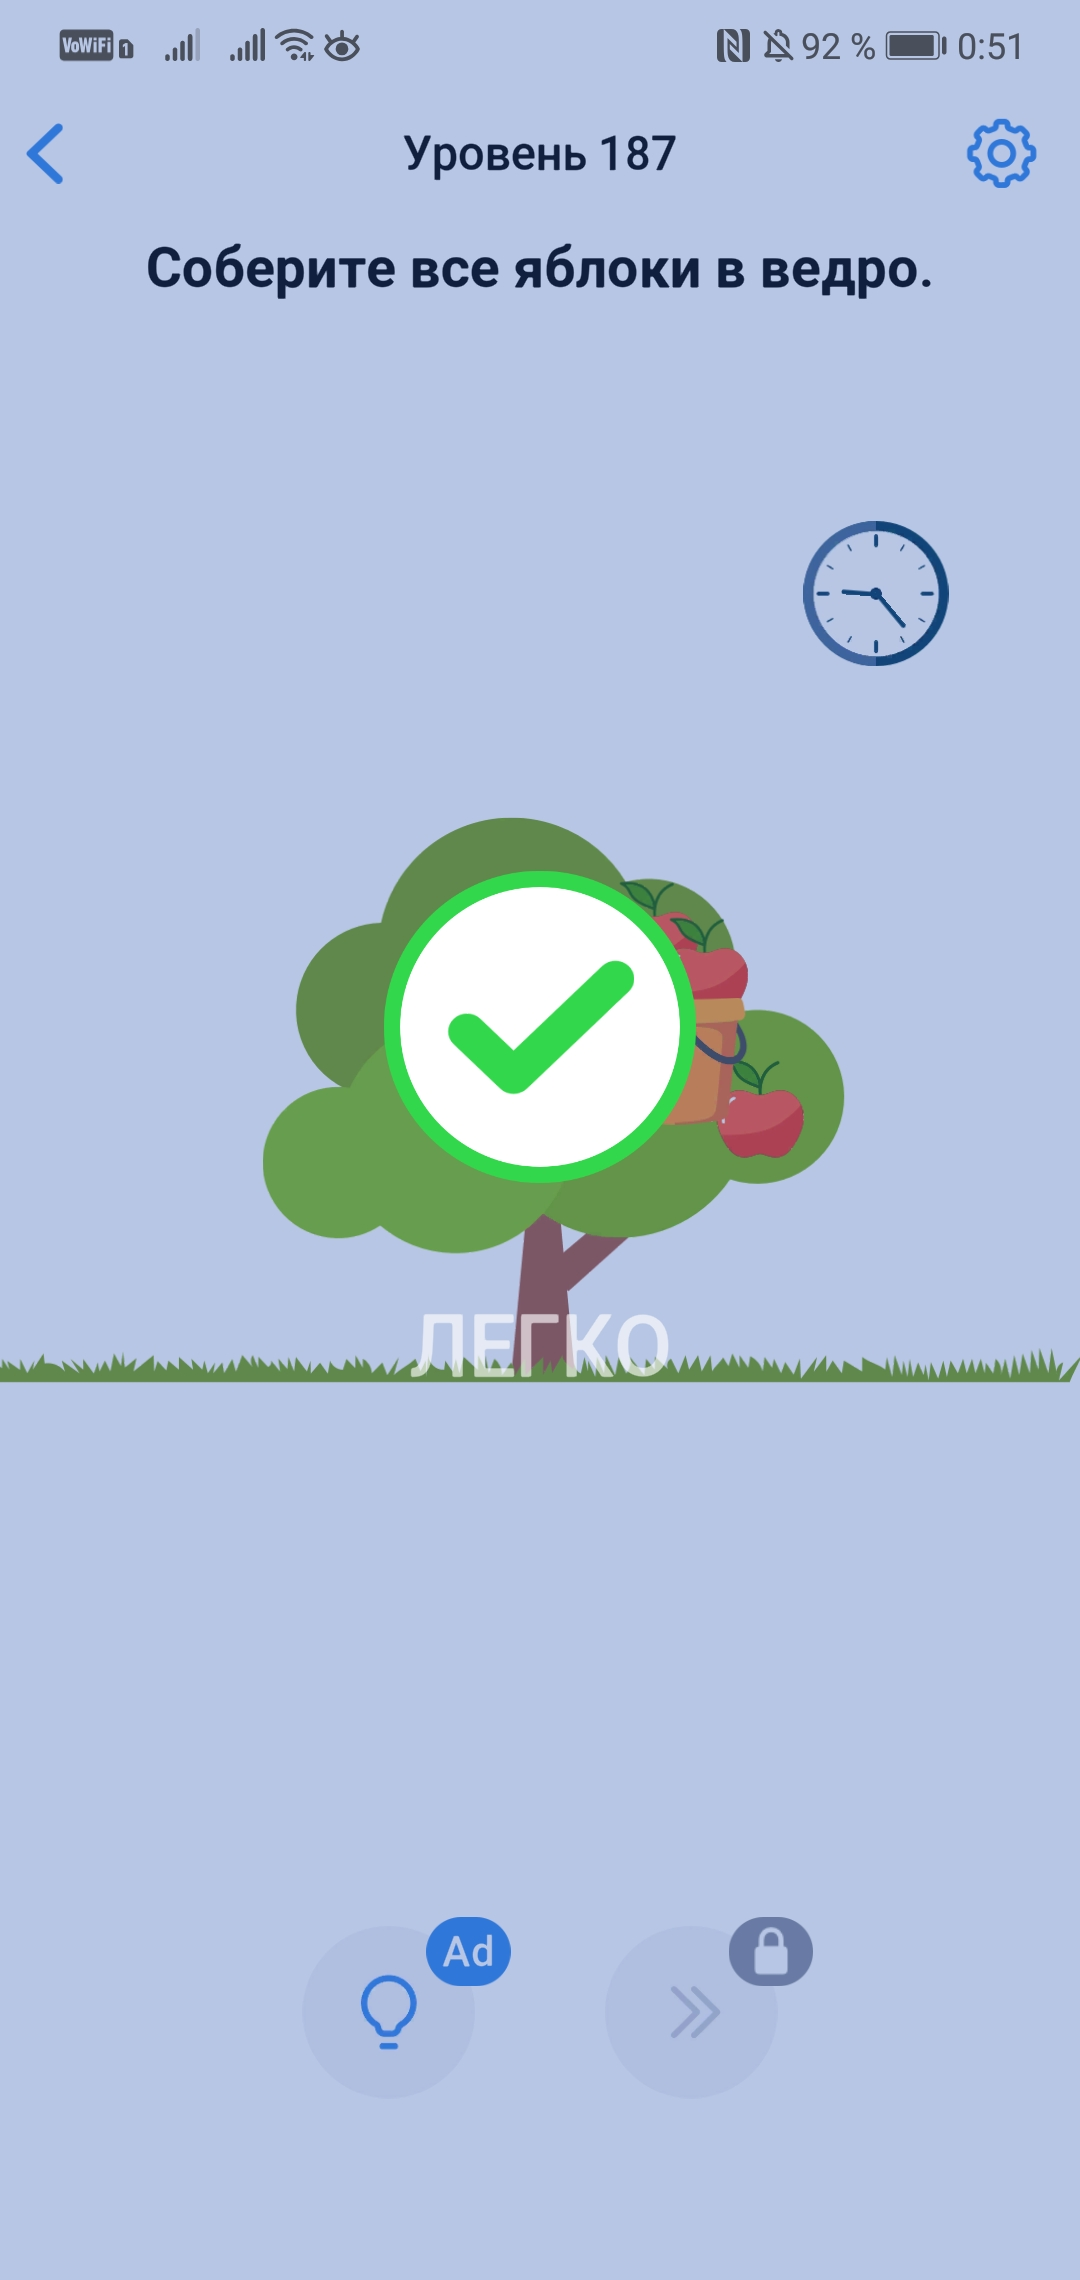 Easy Game - 187 уровень - Соберите все яблоки в ведро.